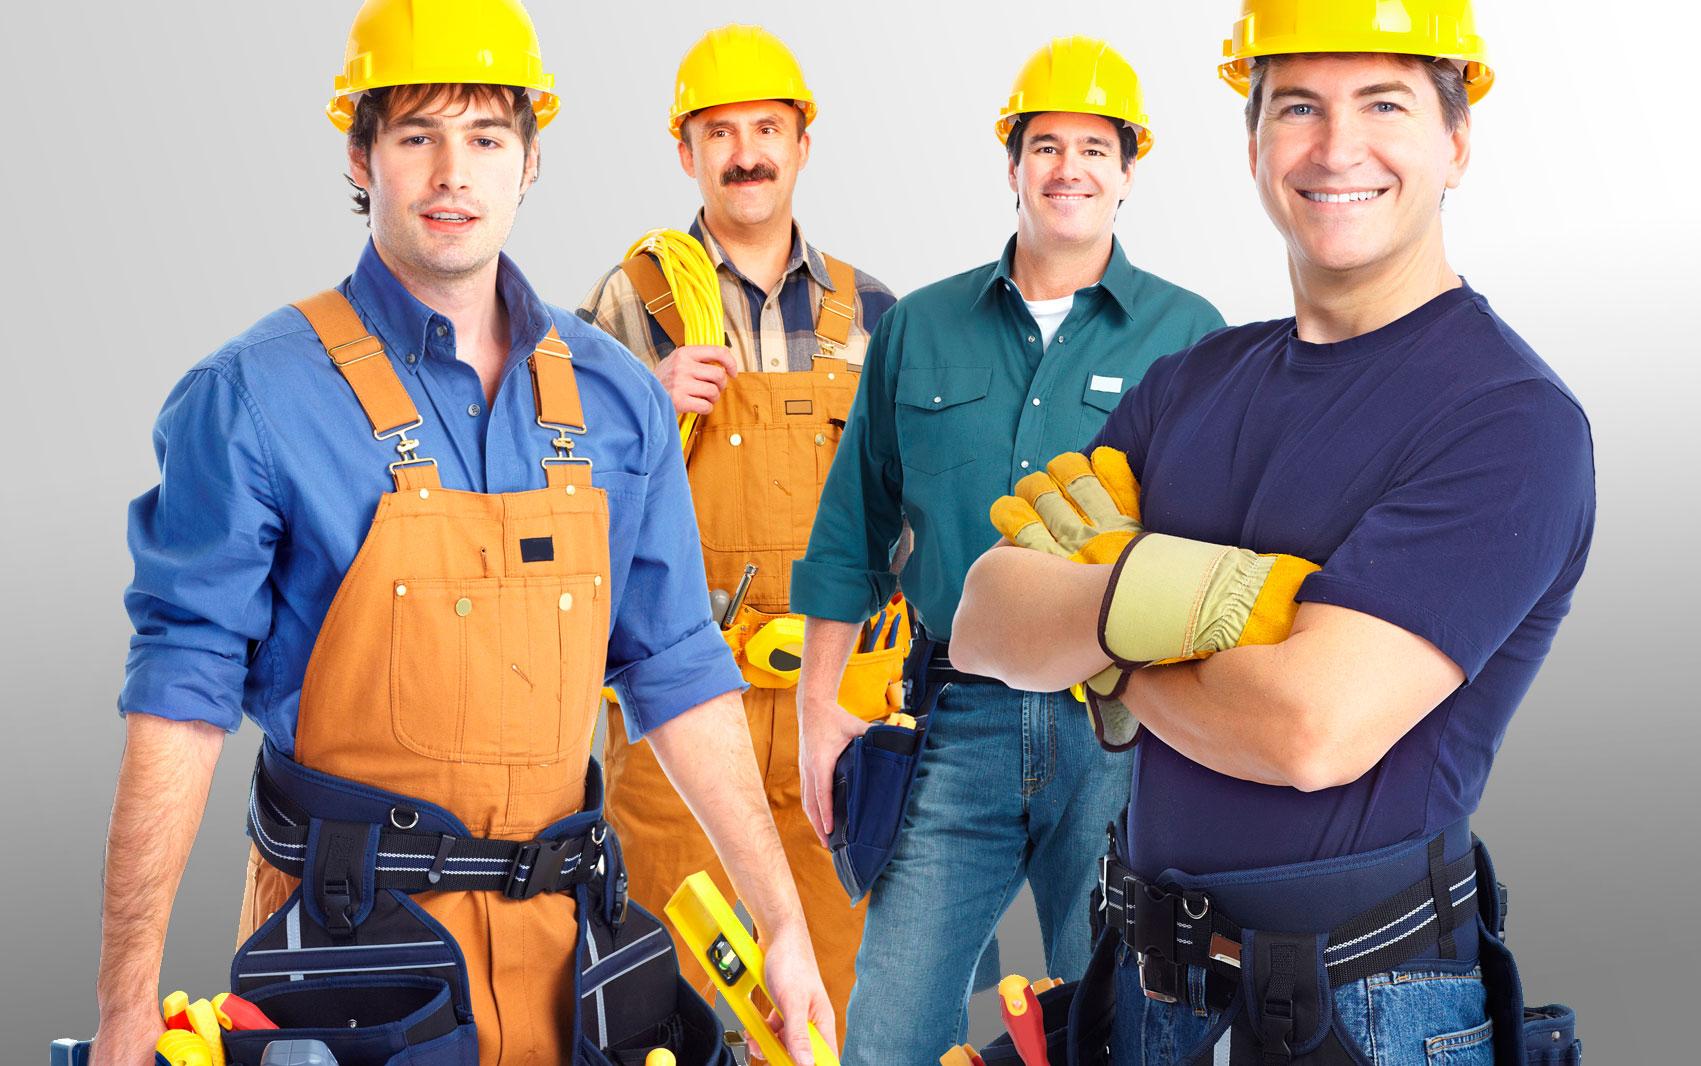 знал, что картинки мастеров строителей данные